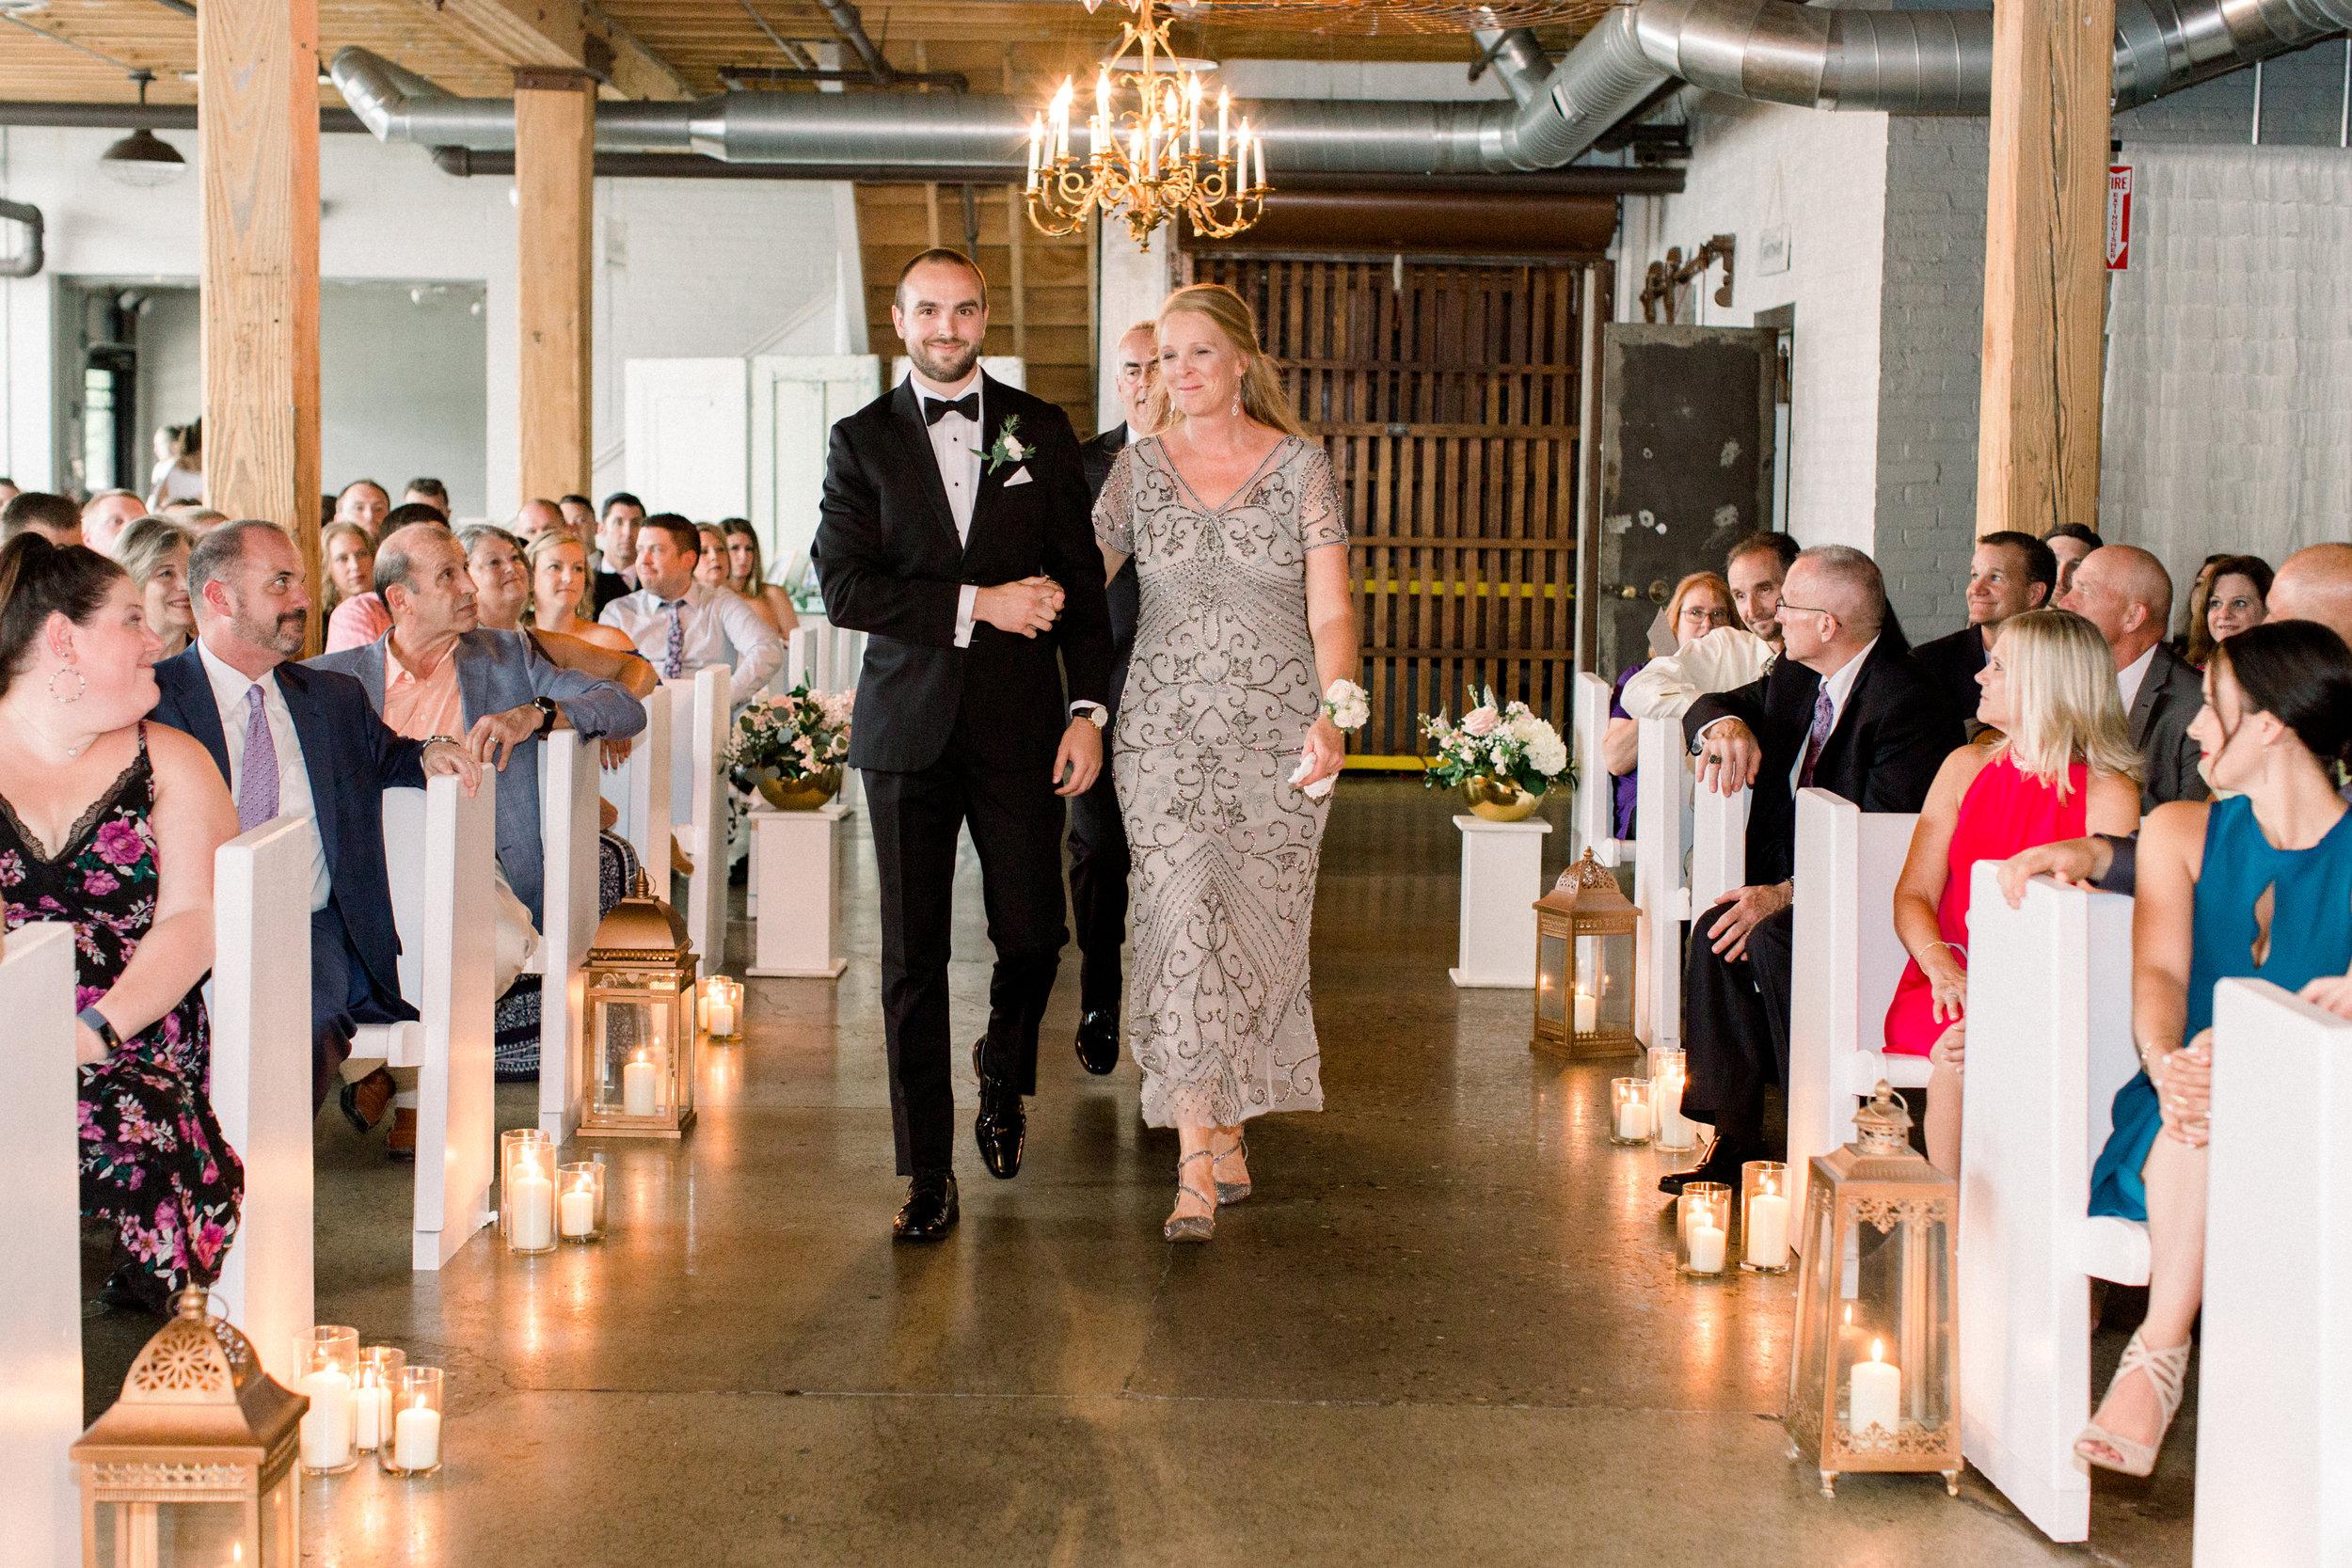 Steiner+Wedding+Ceremony-30.jpg